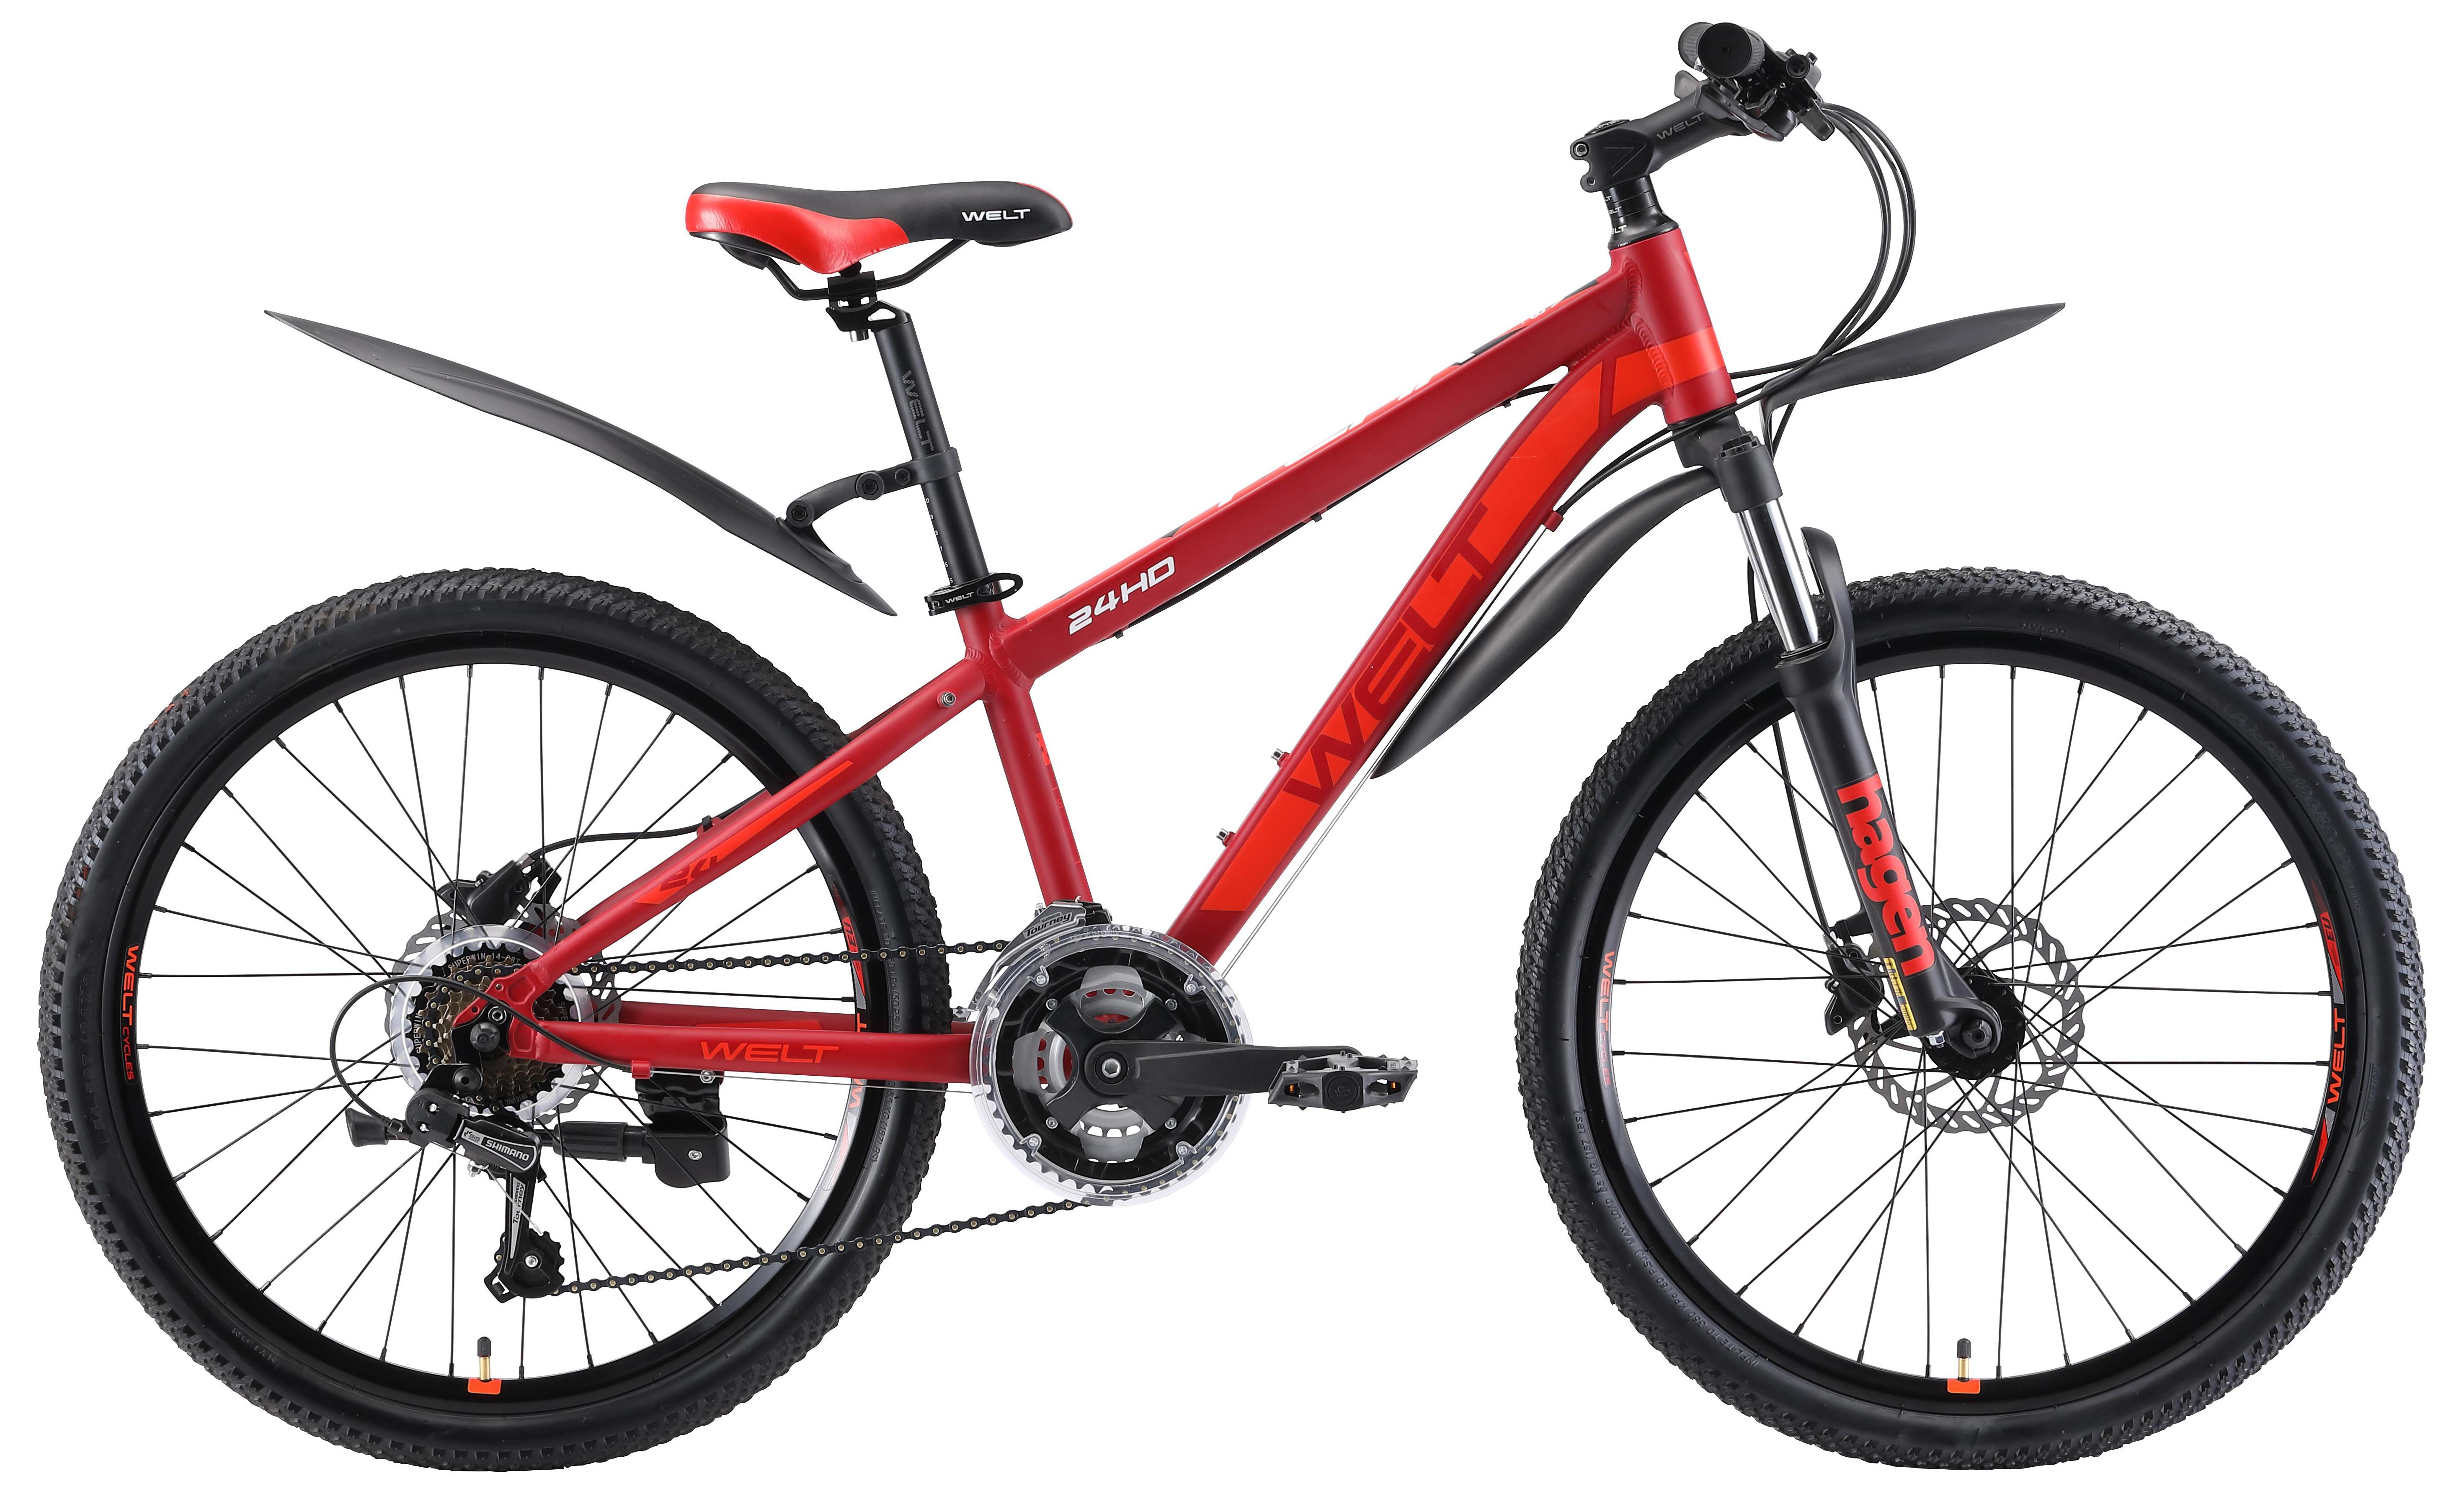 все цены на Велосипед Welt Peak 24 HD 2019 онлайн